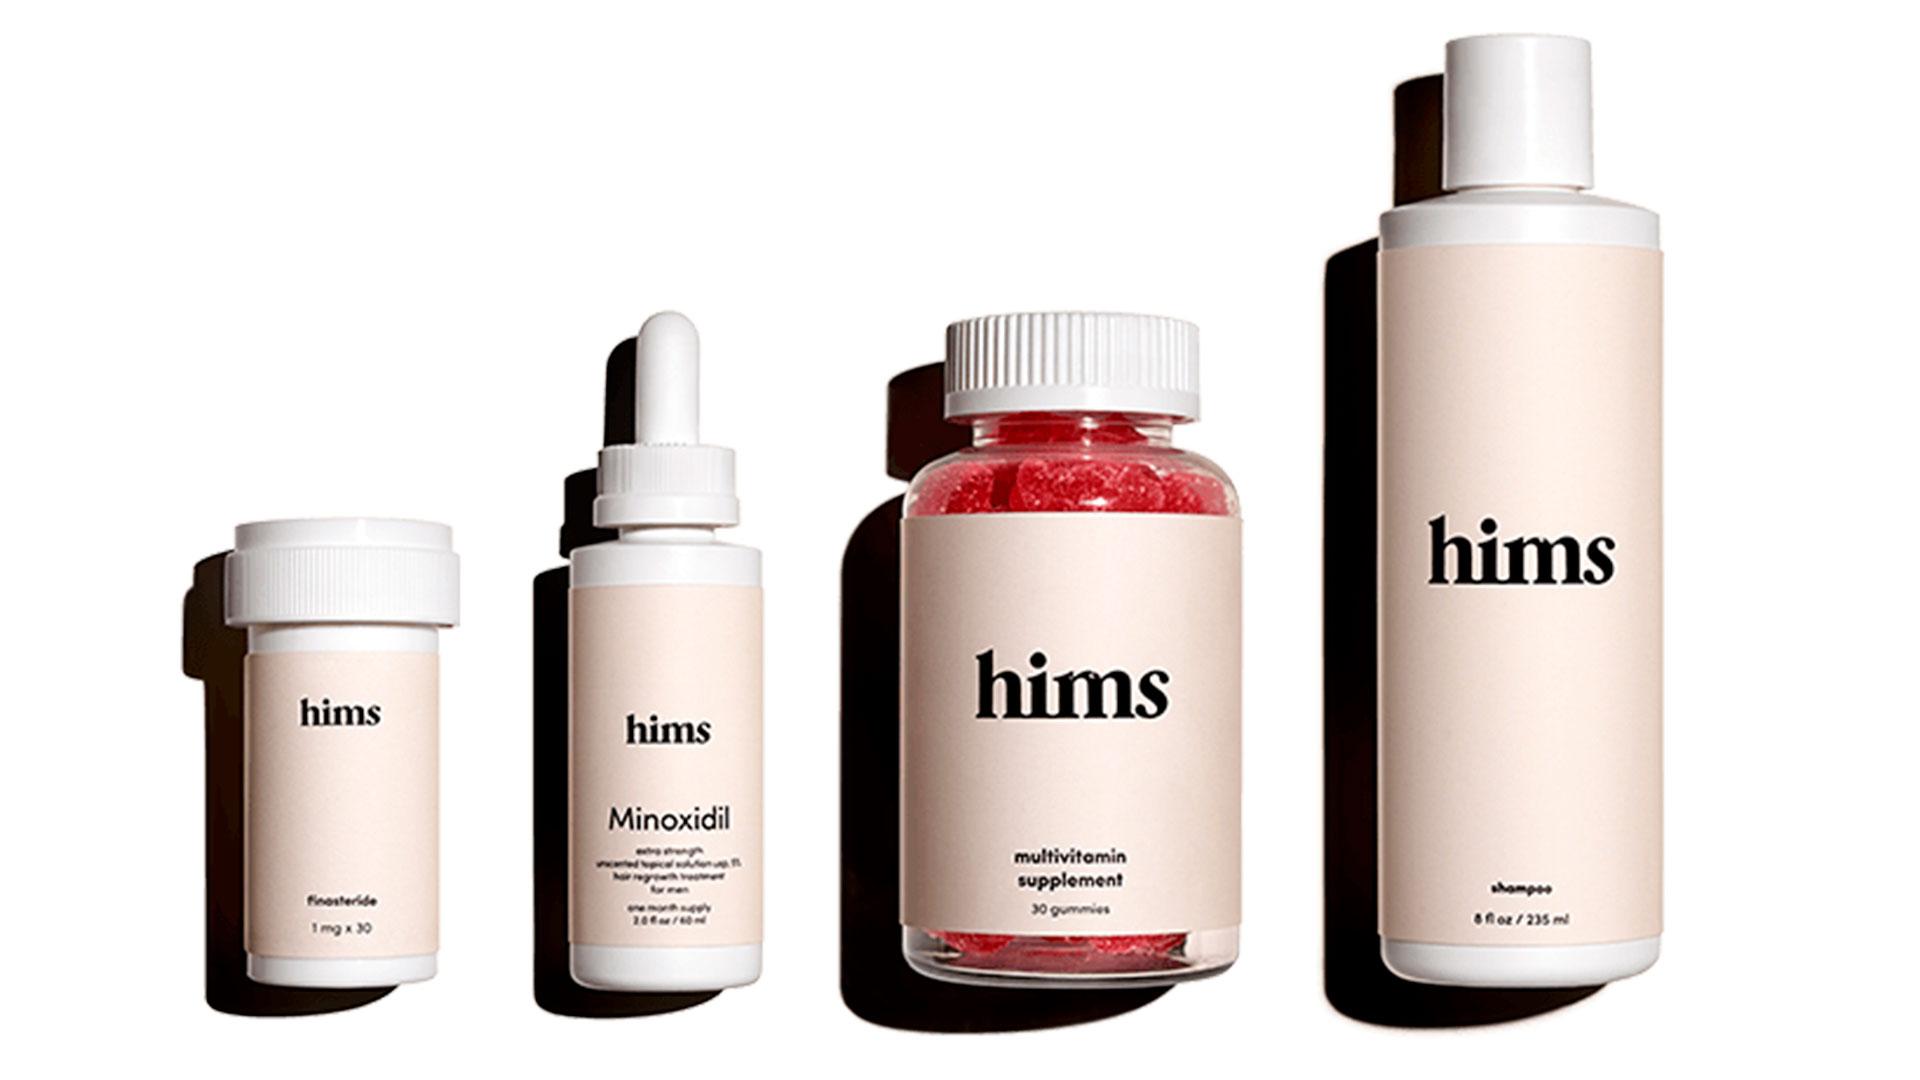 Bodegón de productos de cosmética masculinas Hims